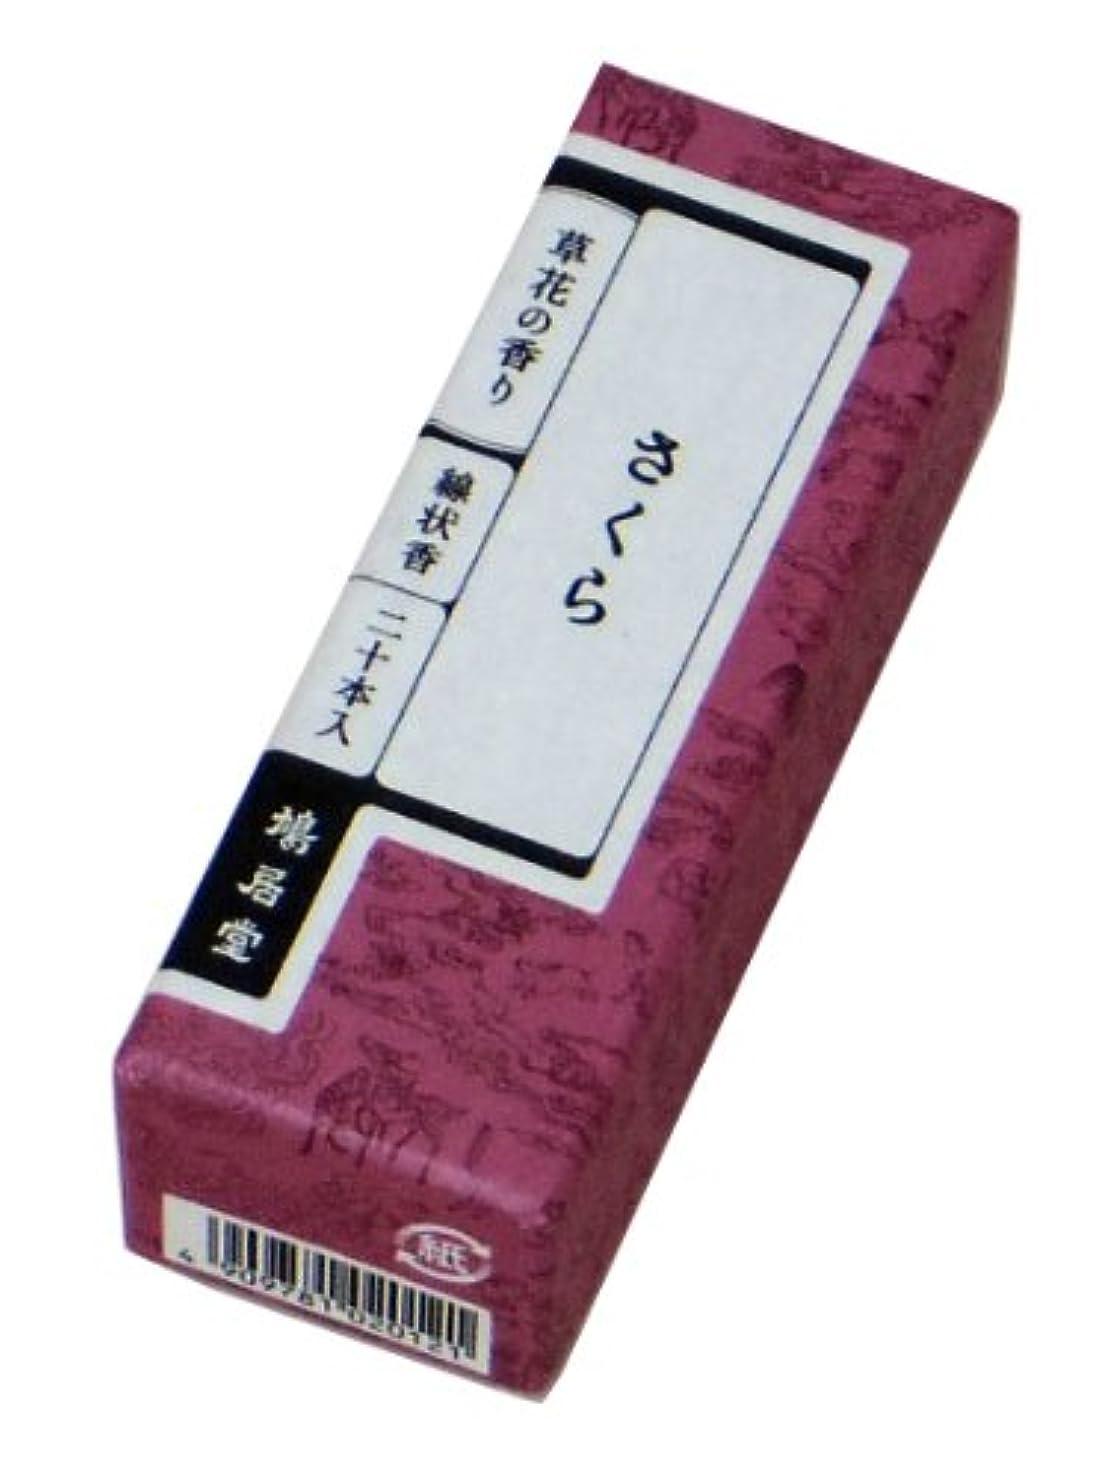 連合しばしばクスクス鳩居堂のお香 草花の香り さくら 20本入 6cm